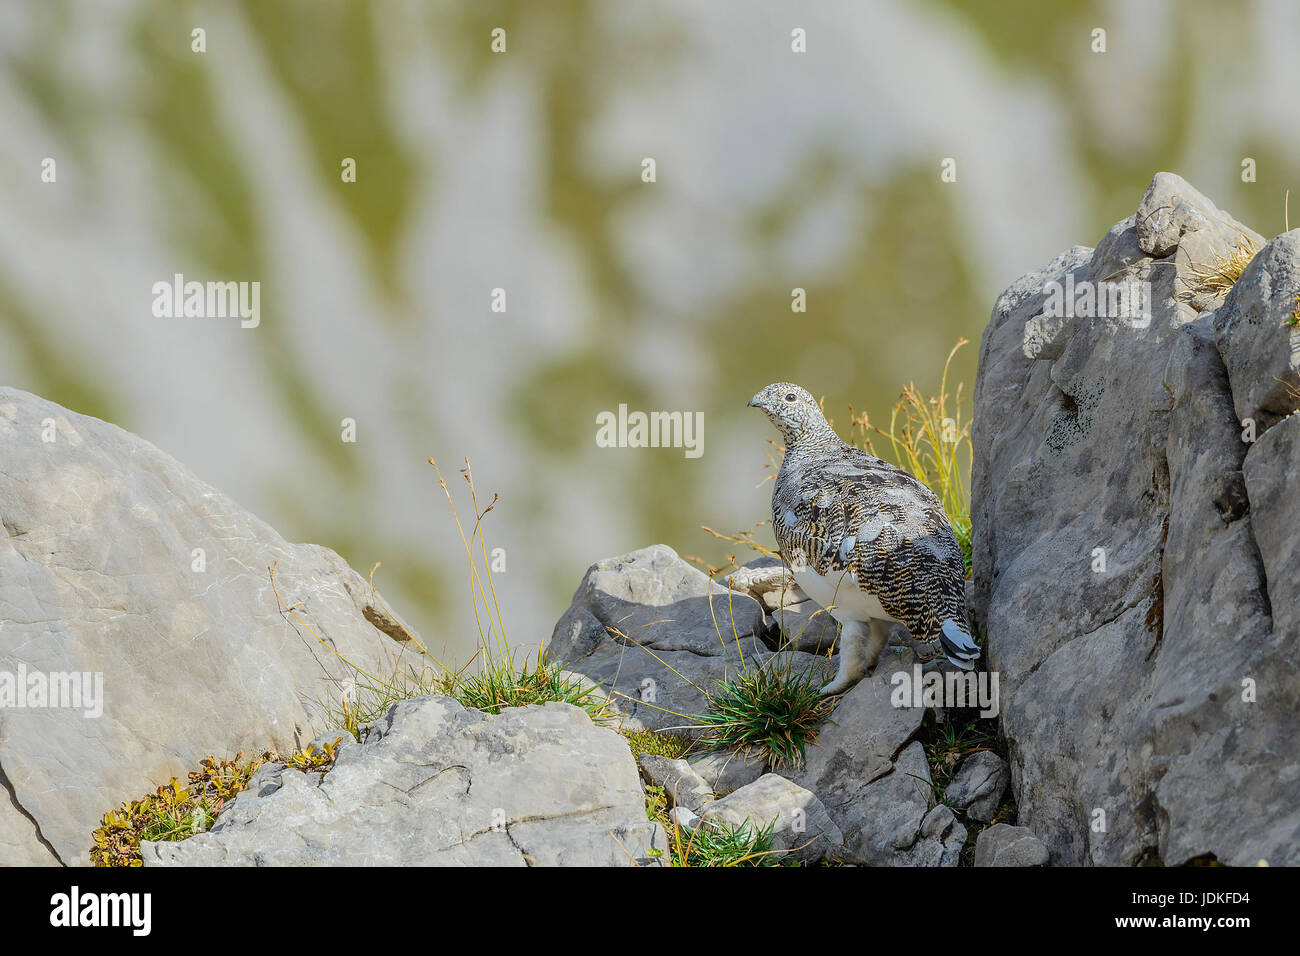 Alptraum Alpenschneehuhn steht zwischen Felsen, Alpenschneehuhn Steht Zwischen Felsen Stockbild